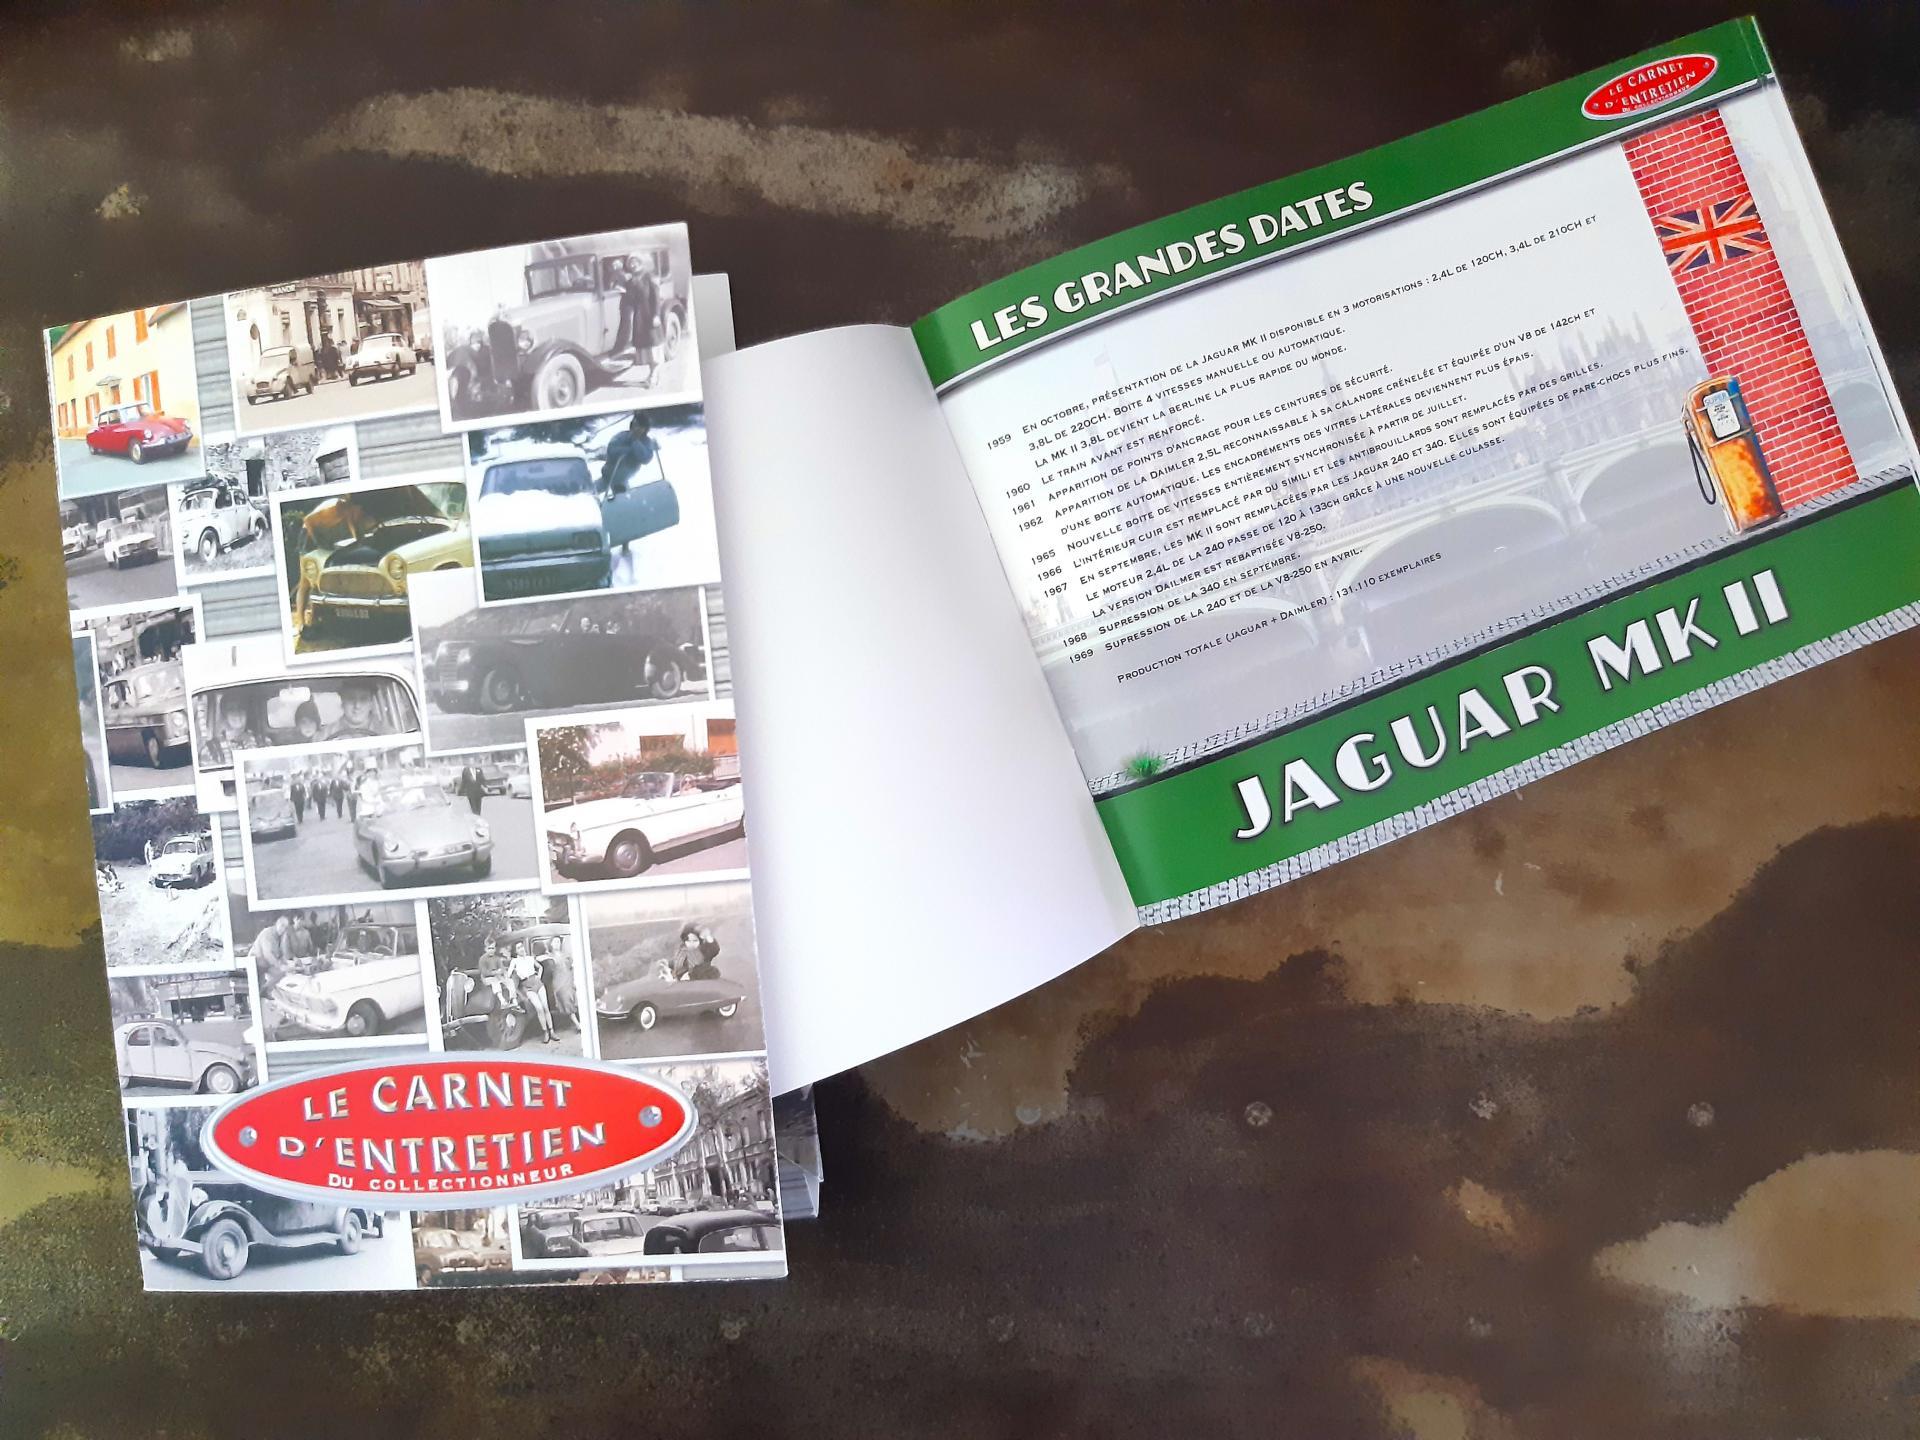 Carnet d entretien jaguar mkii